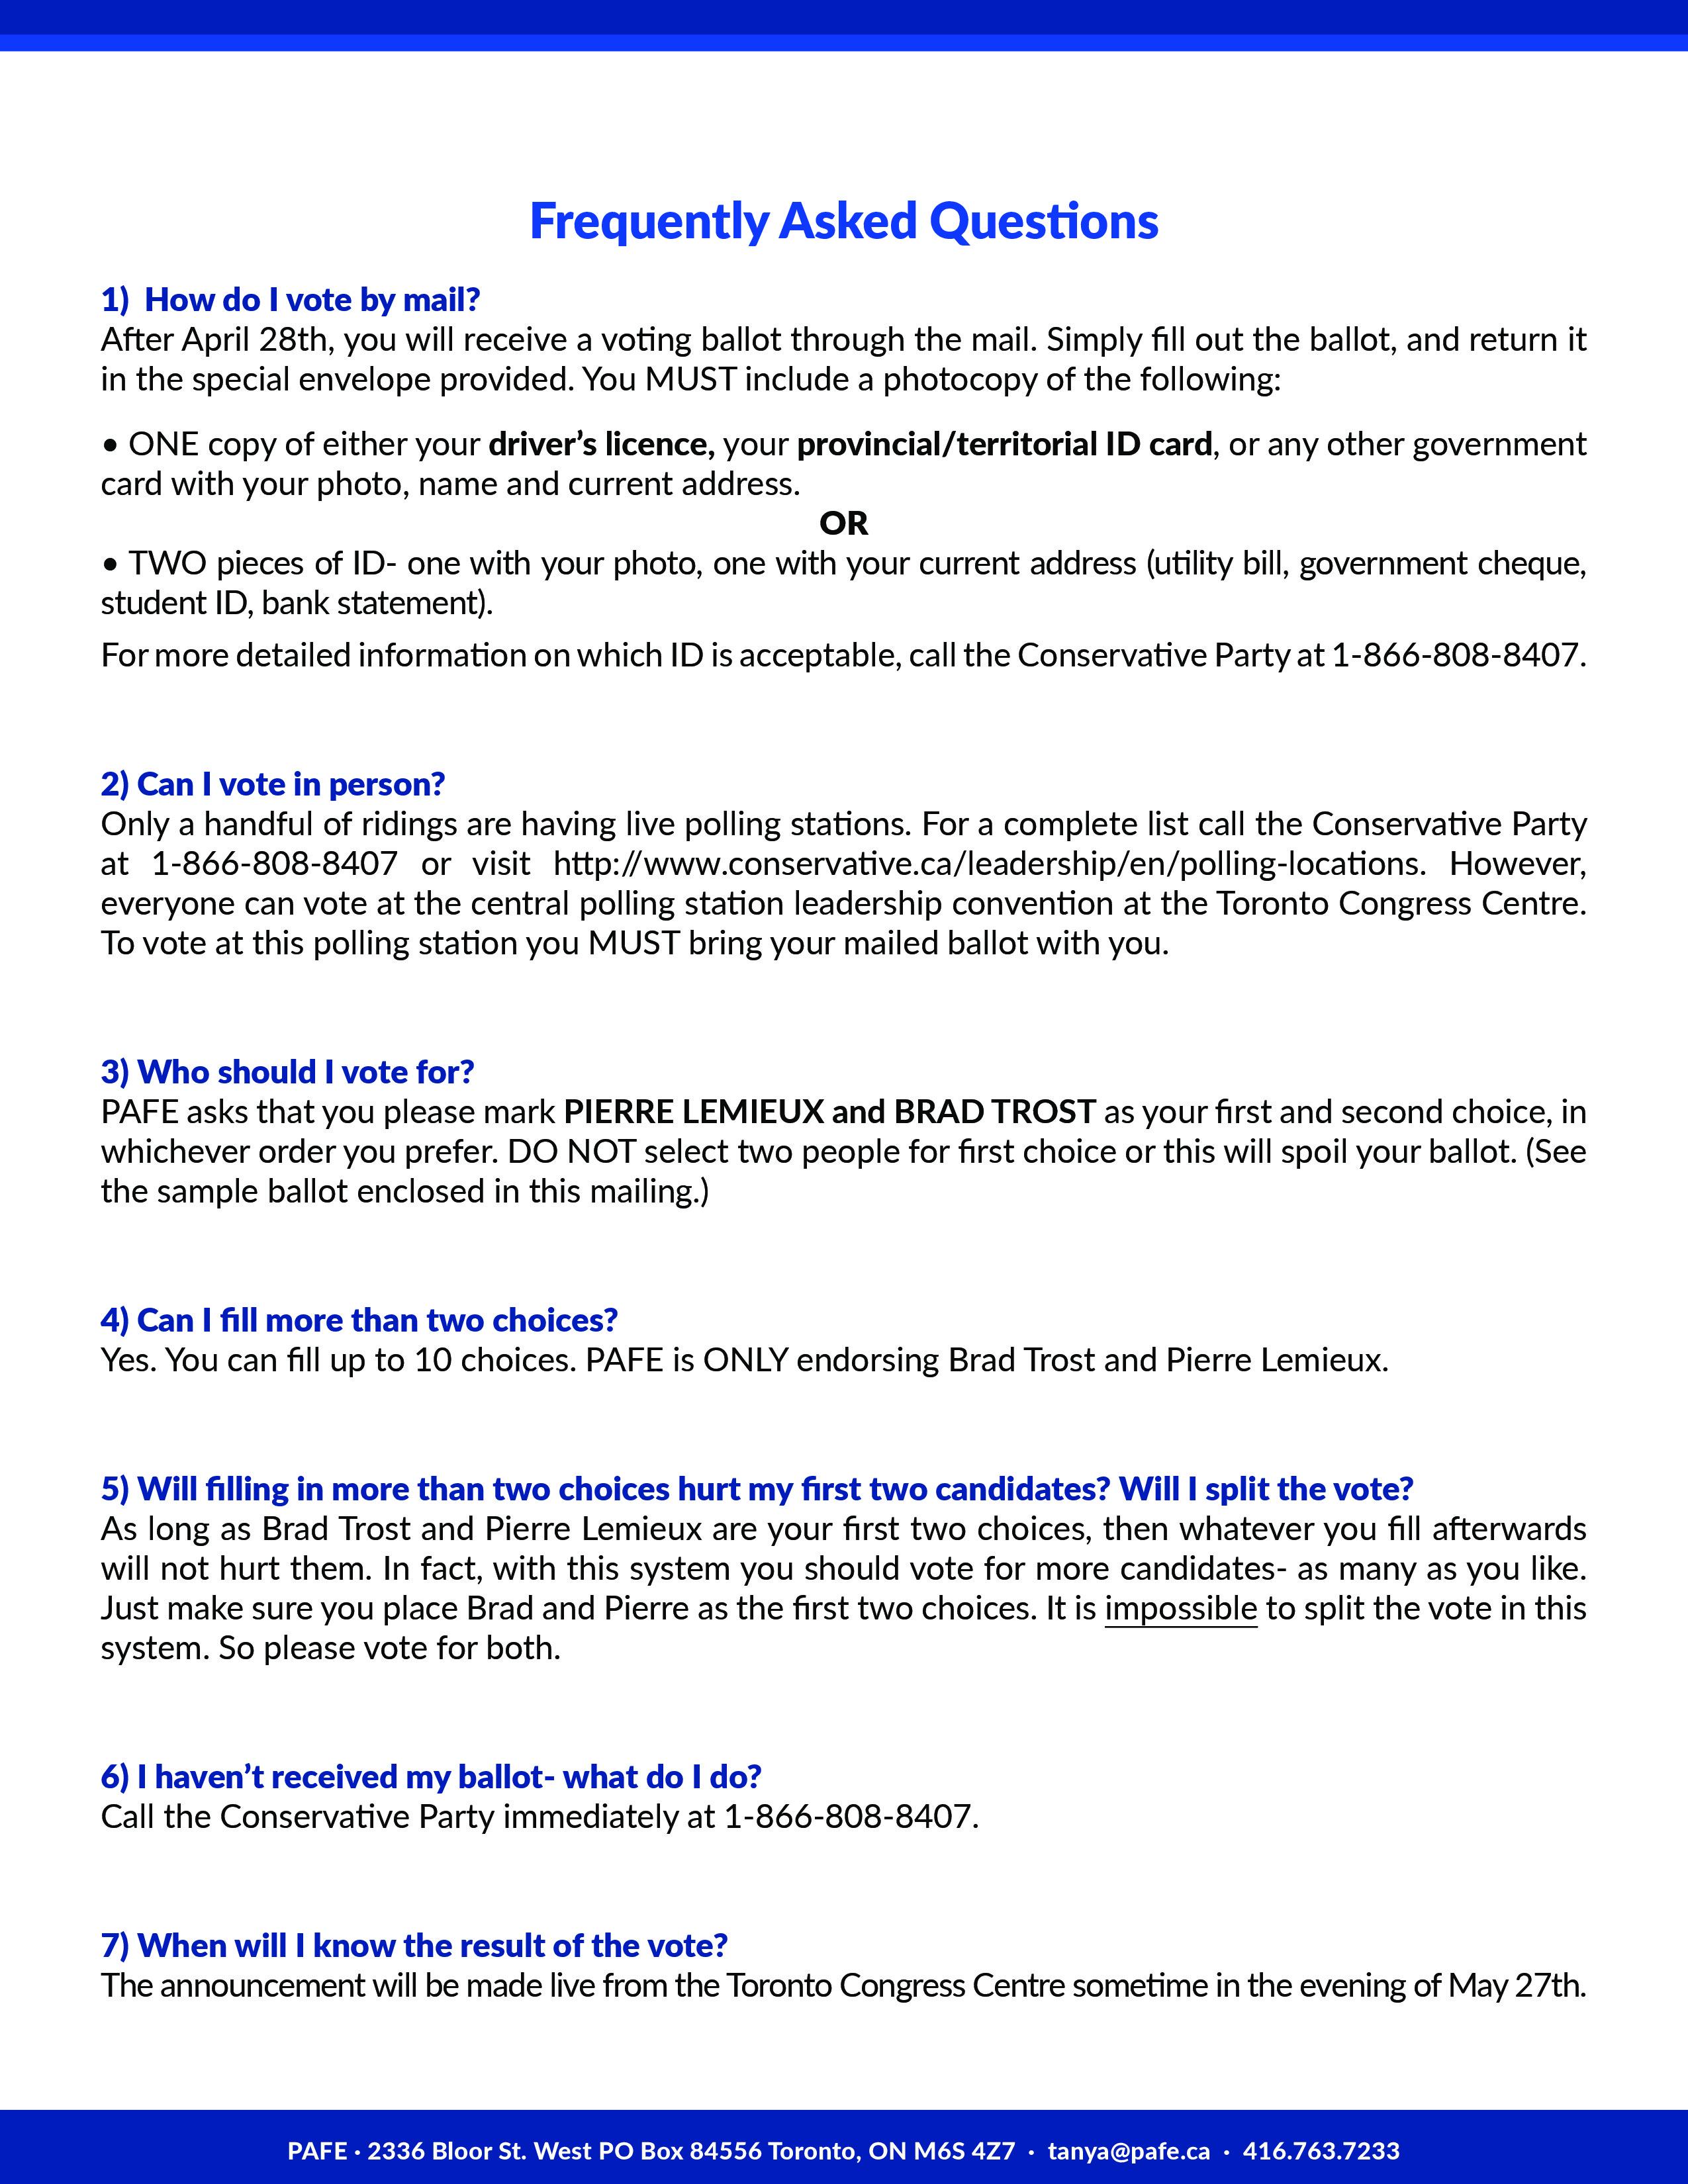 PafeCPCvoteweb_(1)-page-1.jpg